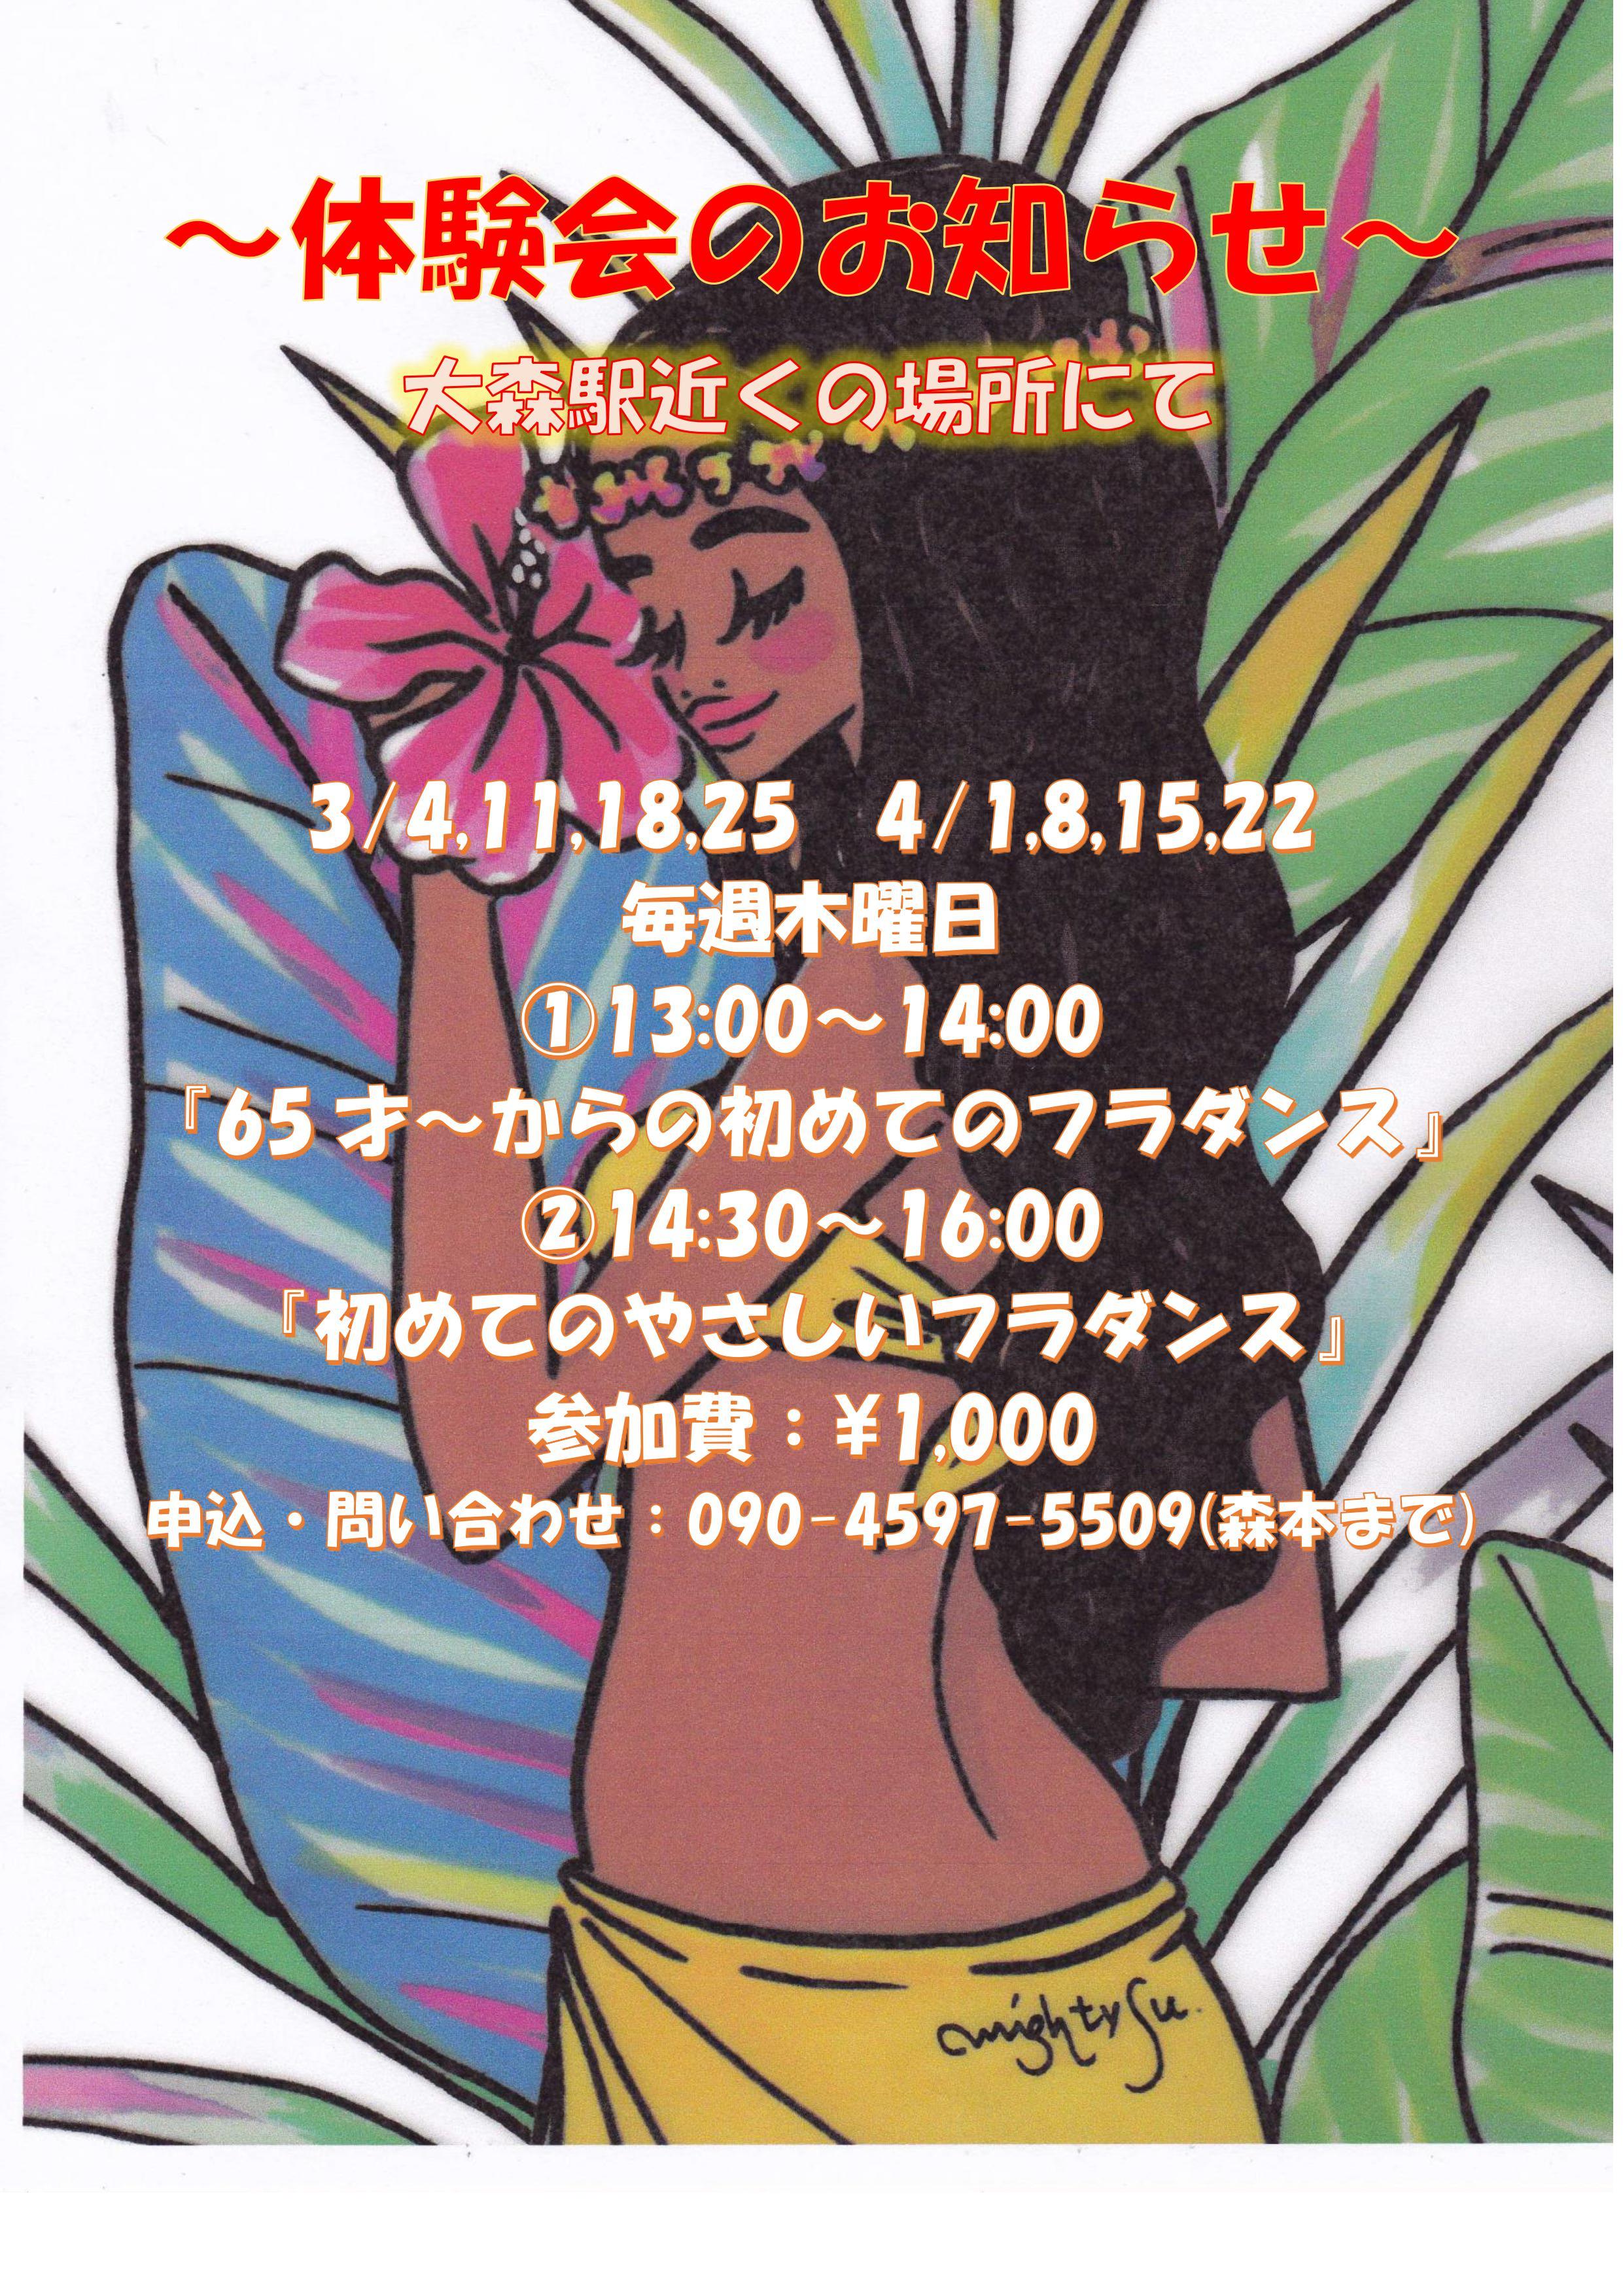 【ナーレイレイコフラスタジオ】体験会